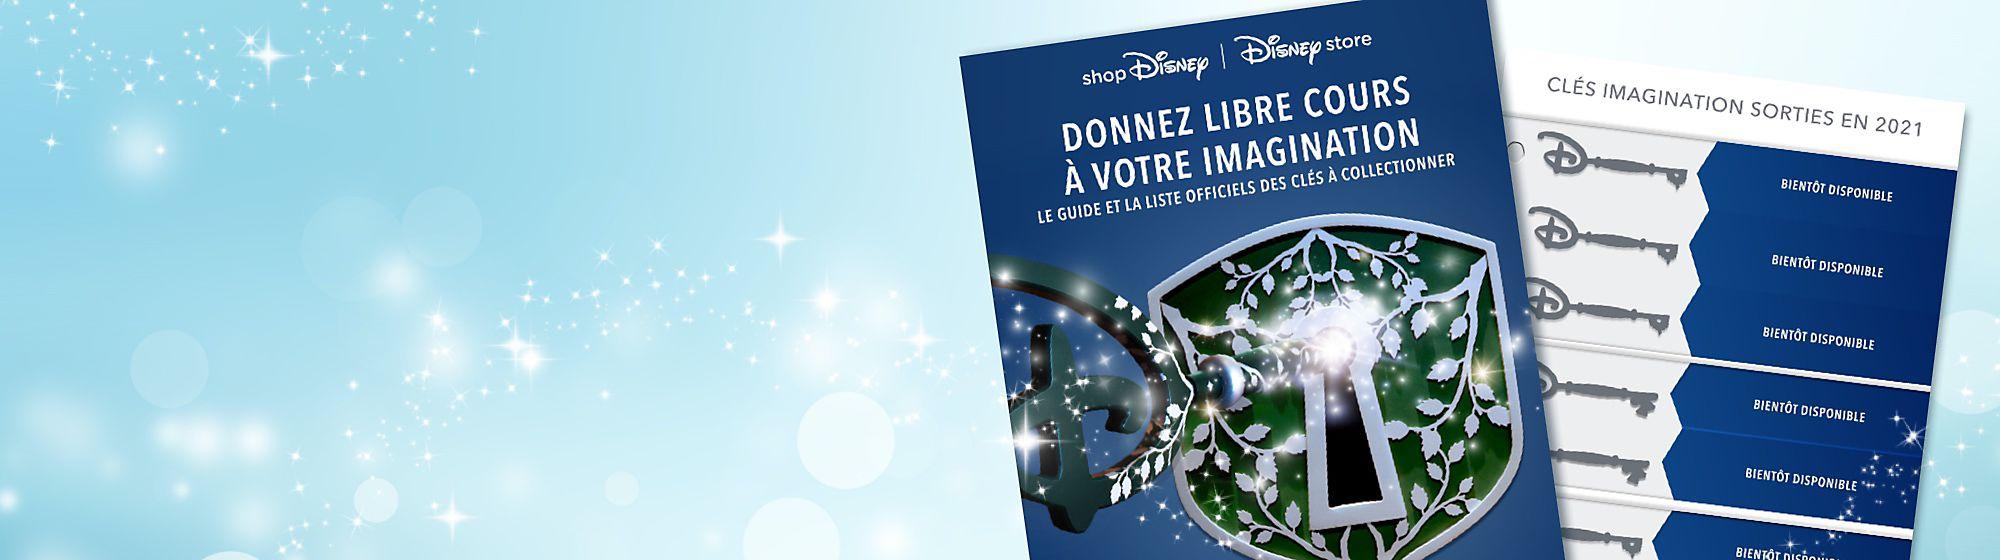 Clés Imagination Libérez la magie avec nos clés Imagination. Inspirées des clés de cérémonie d'ouverture disponibles dans les Disney Stores, ces clés thématiques feront le bonheur des fans de Disney et des collectionneurs. Consultez notre liste pour connaître les clés qui sont sorties jusqu'à présent.